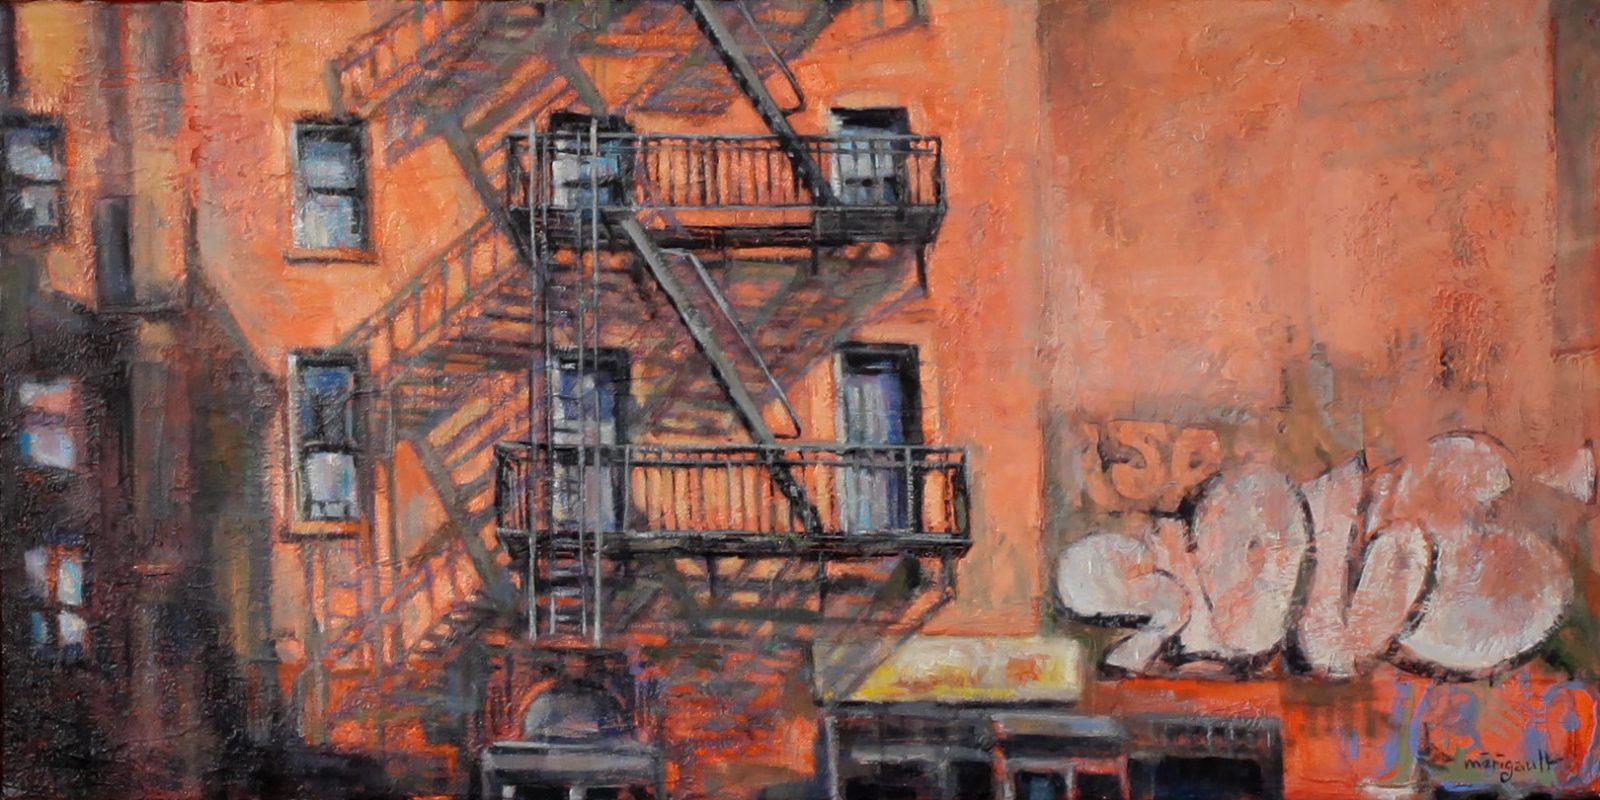 16-Escalier-rouge